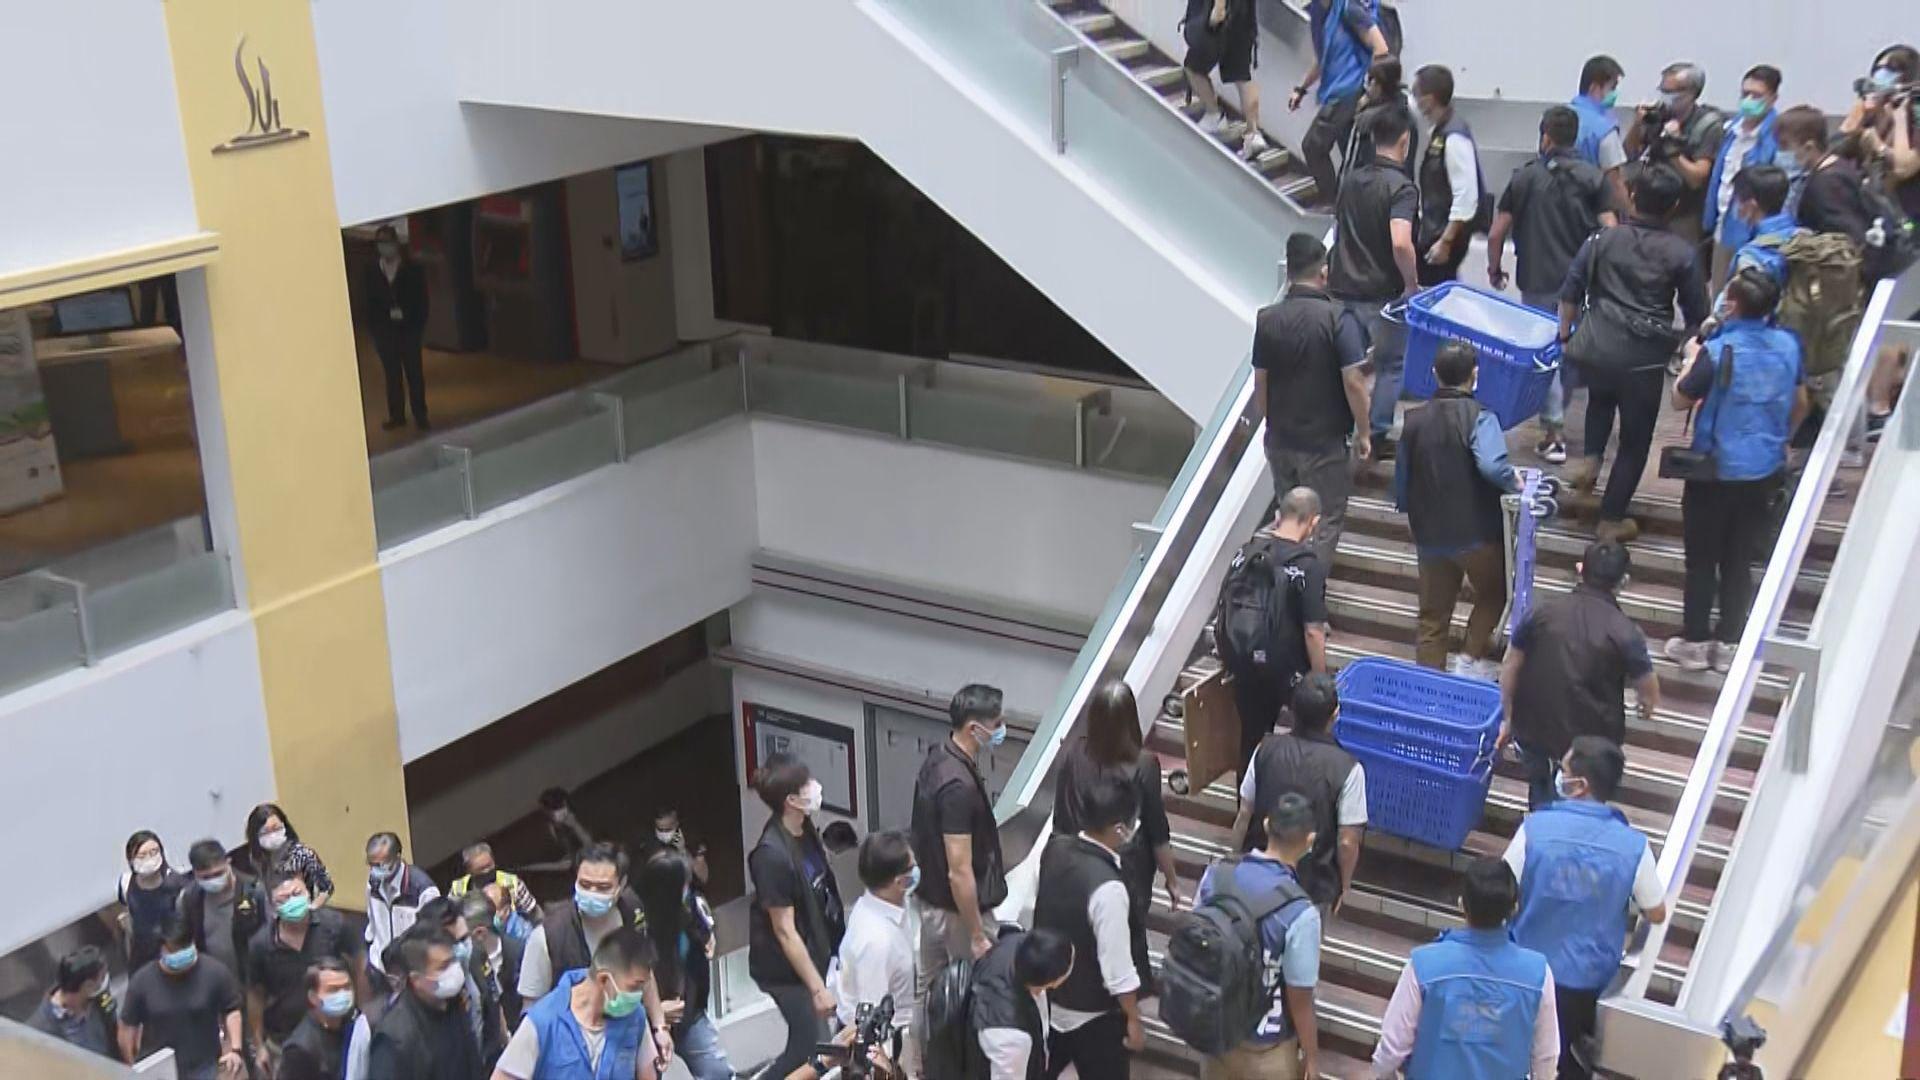 理大學生會:警方獲得手令搜查校園範圍調查一宗暴動案